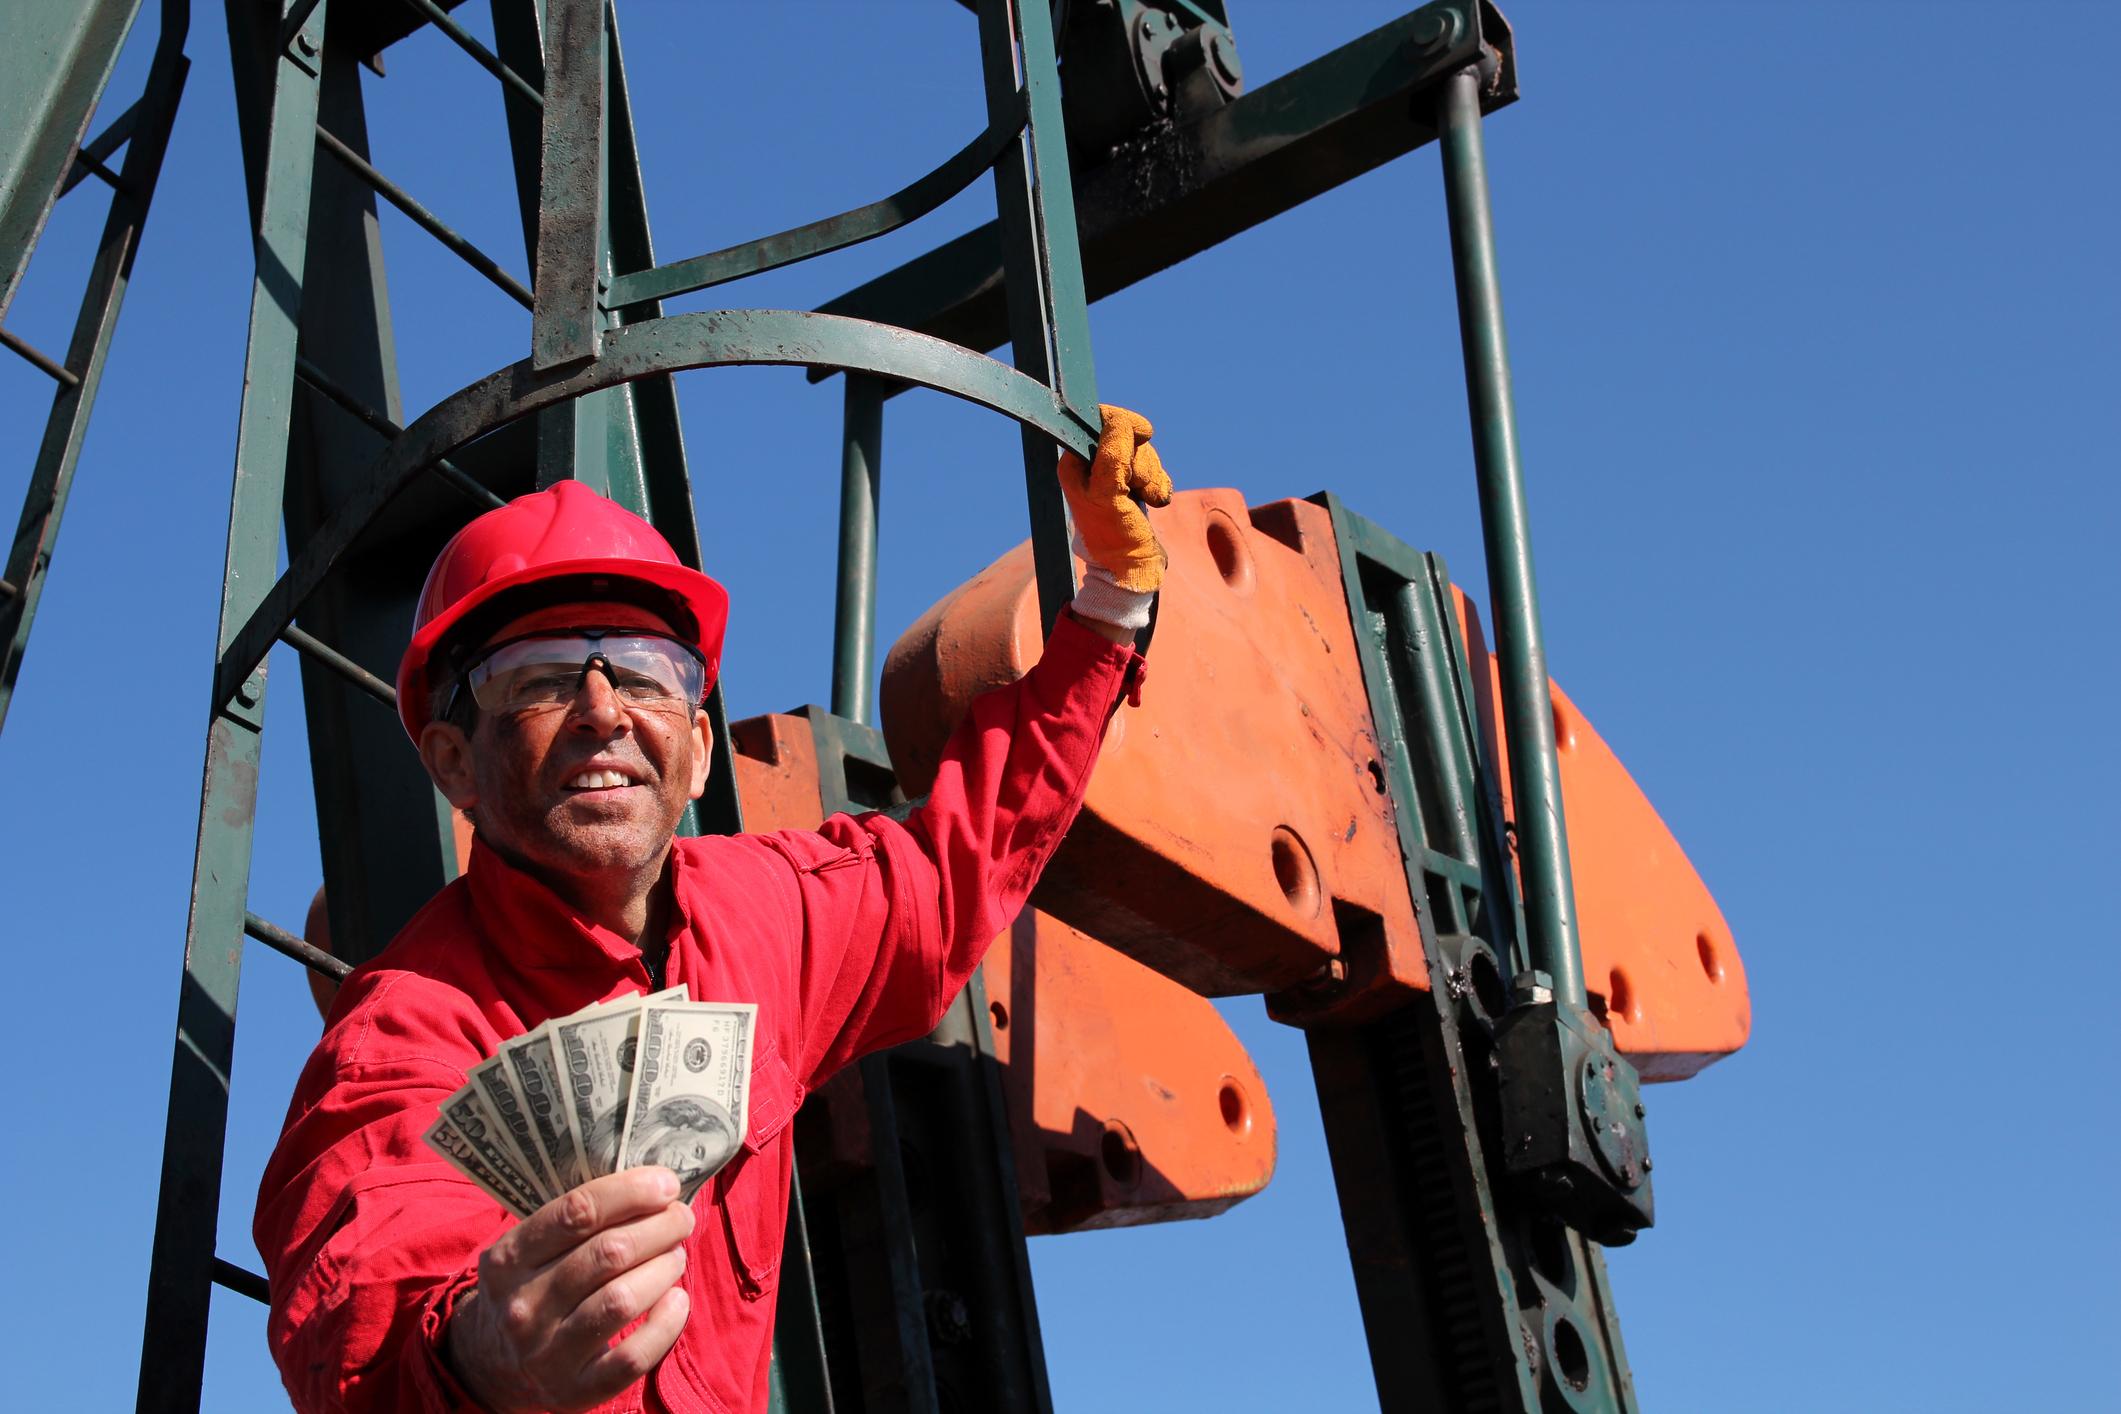 An man on an oil pump handing out cash.